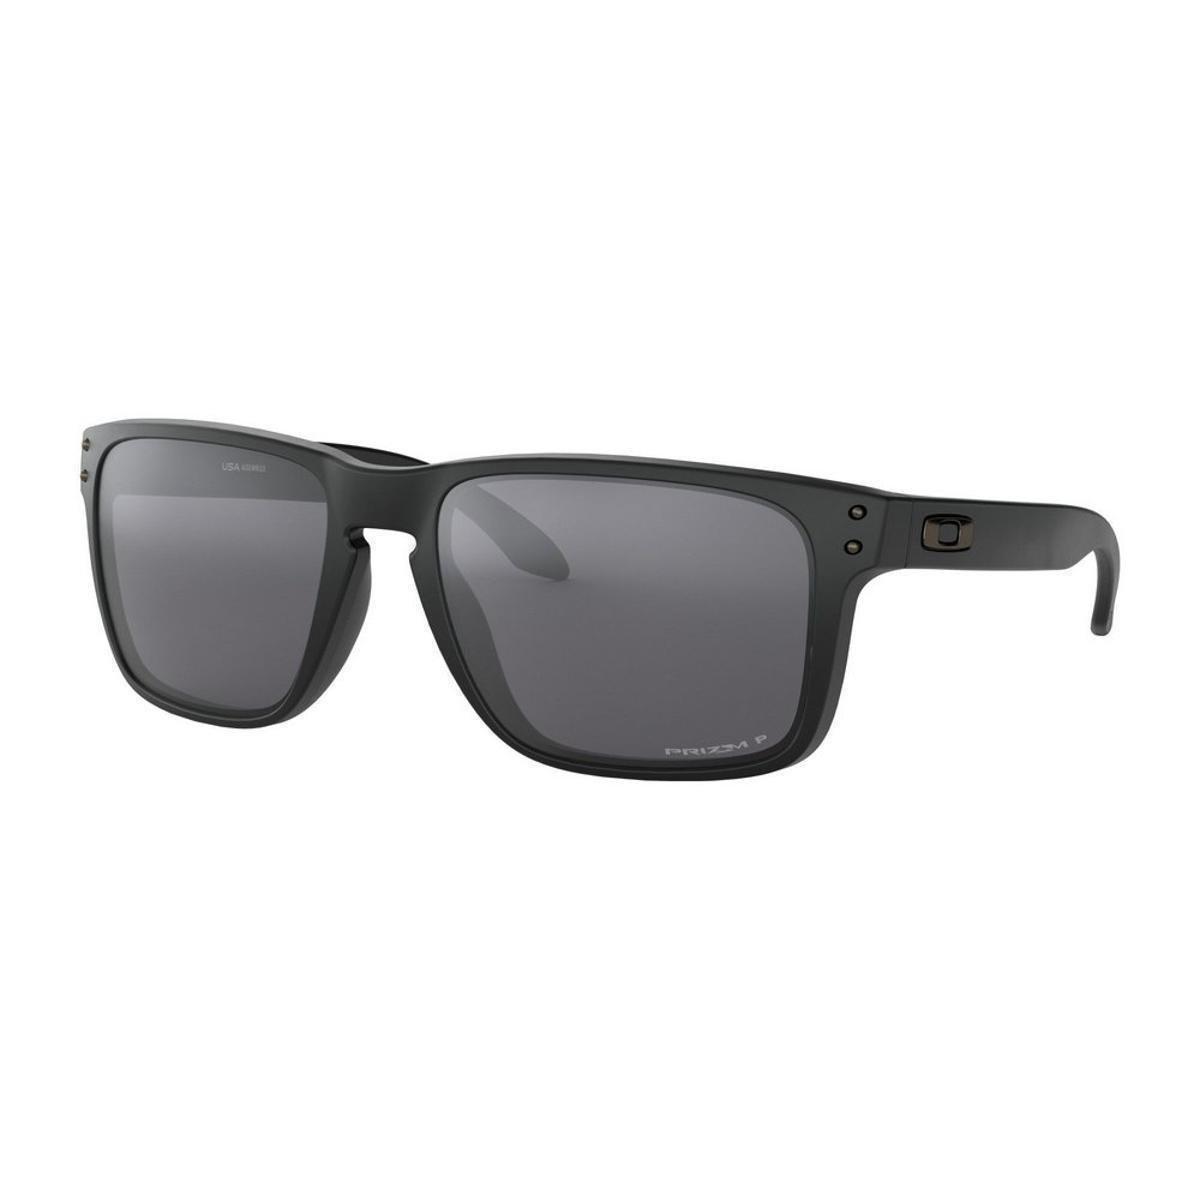 2d41405a0661c Óculos Oakley de Sol Holbrook Xl Masculino - Preto - Compre Agora ...